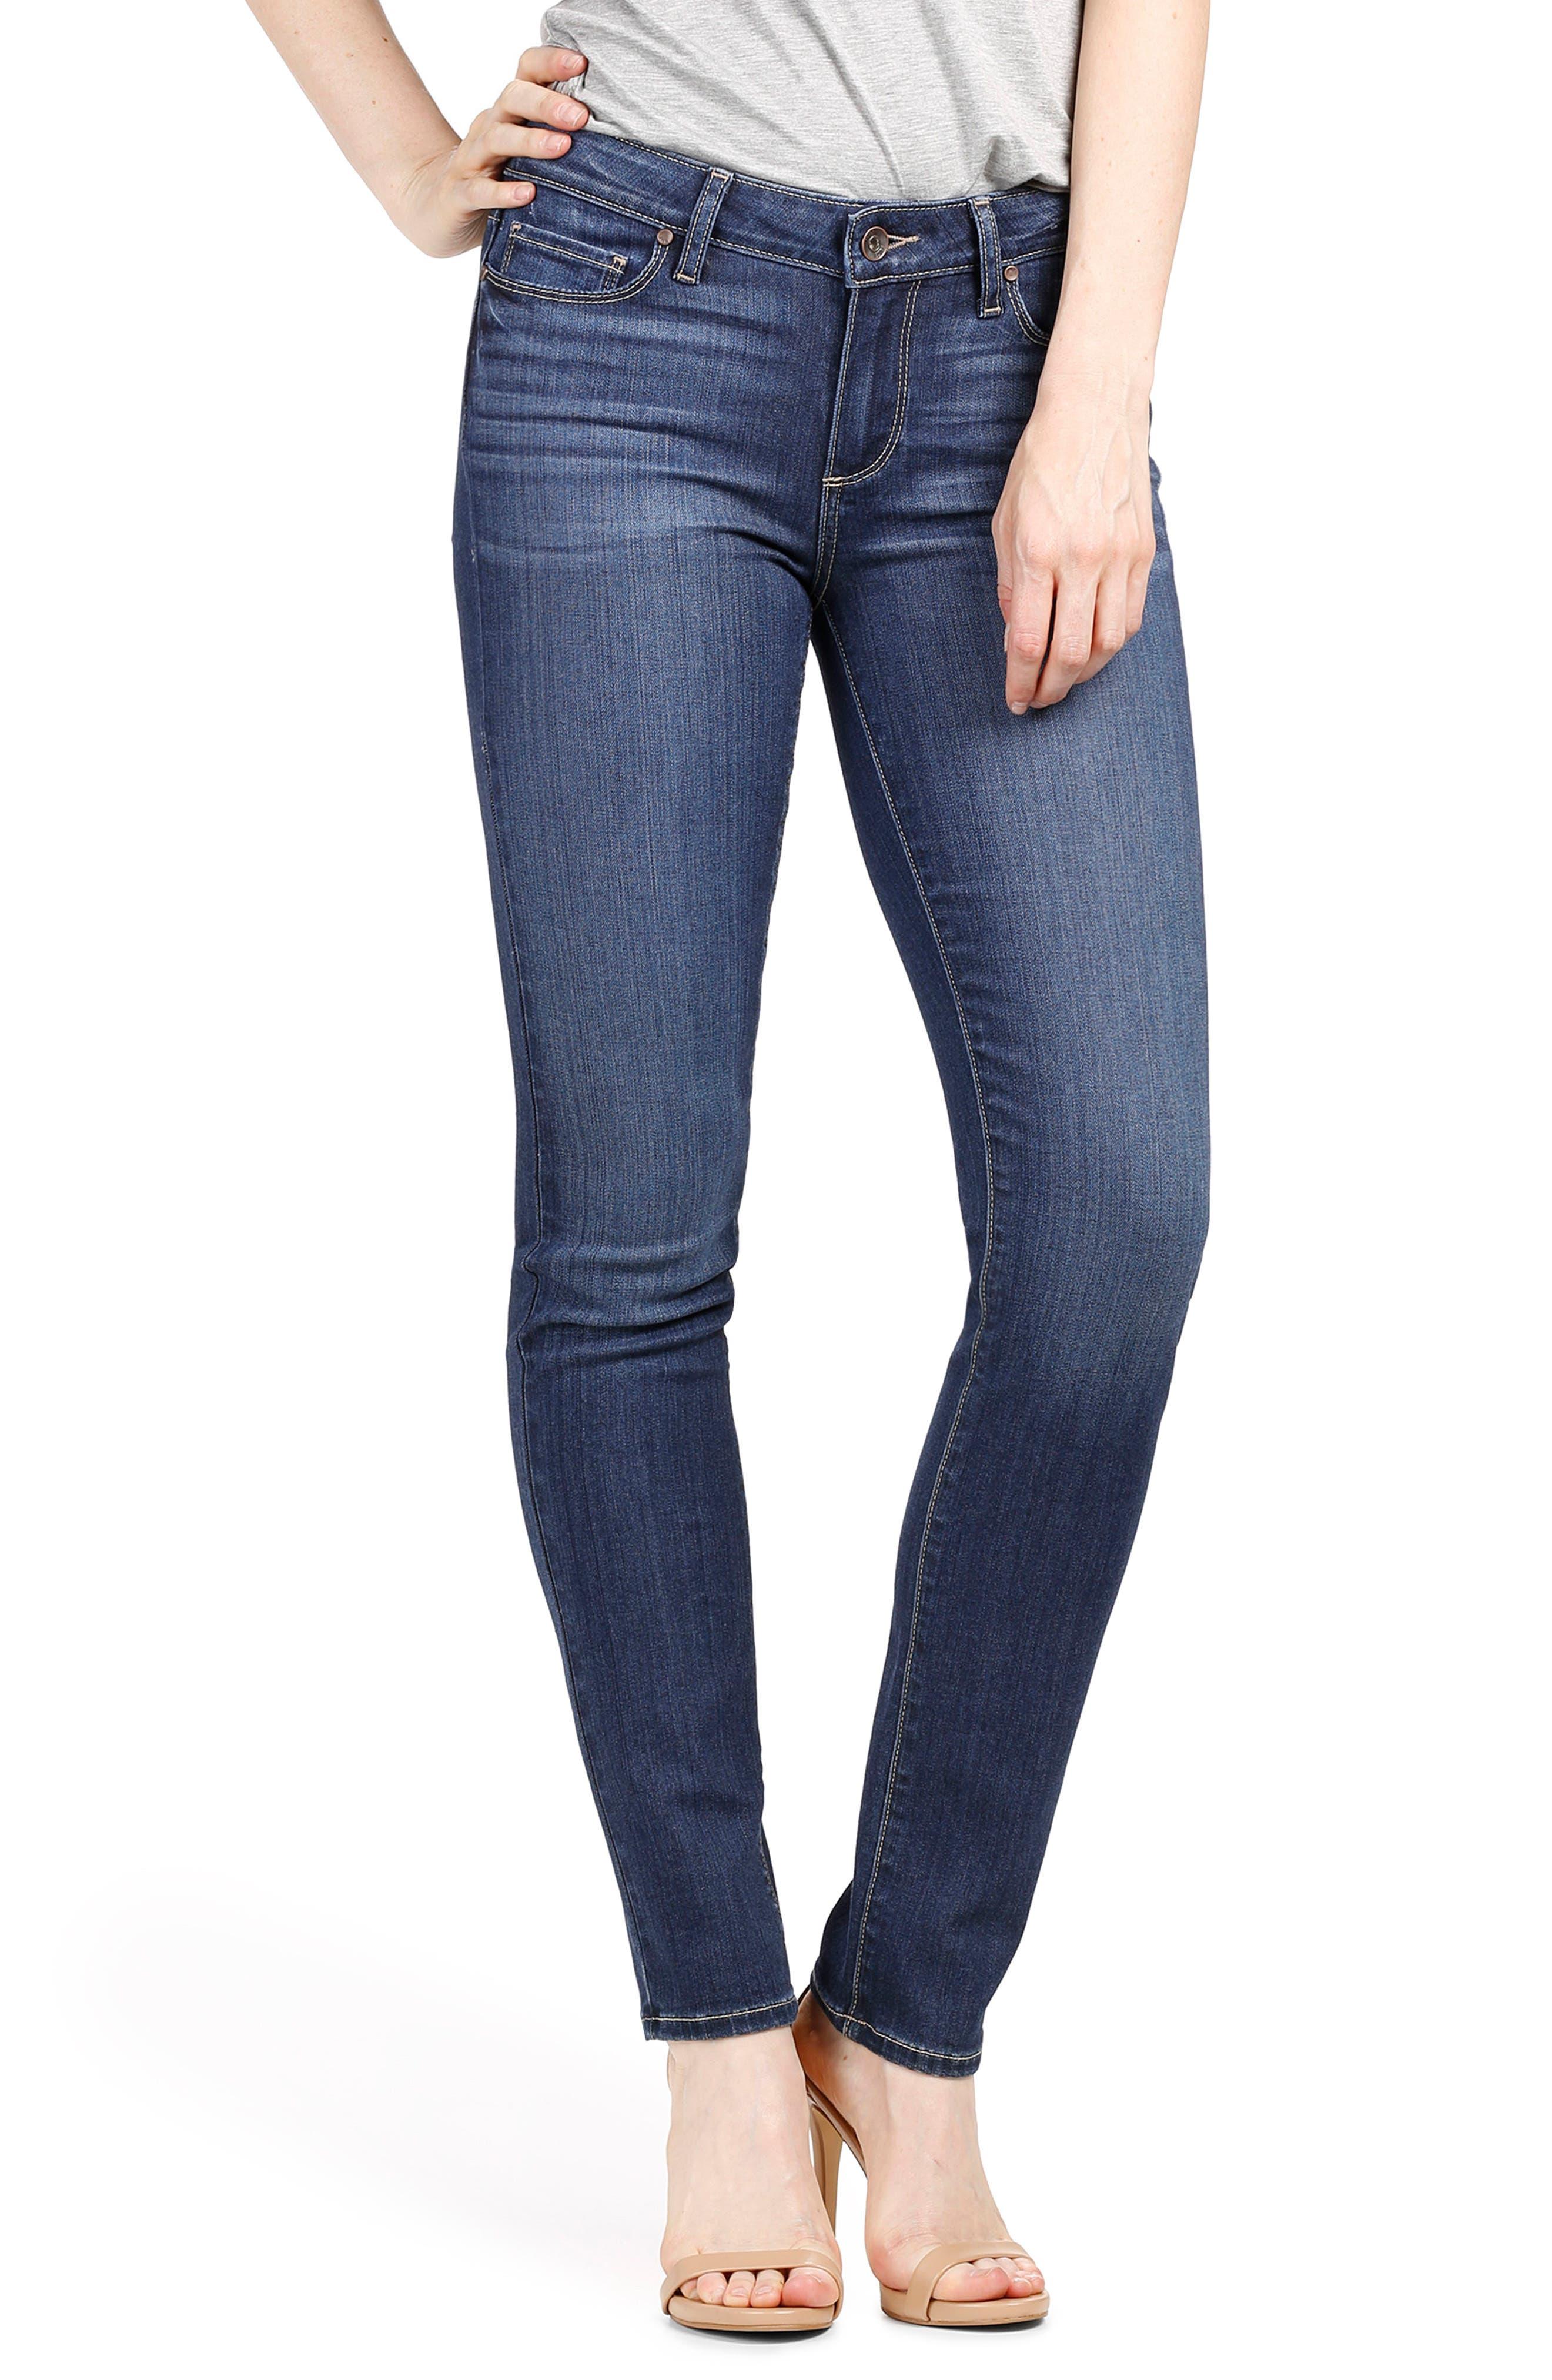 Transcend - Skyline Skinny Jeans,                         Main,                         color, Blue